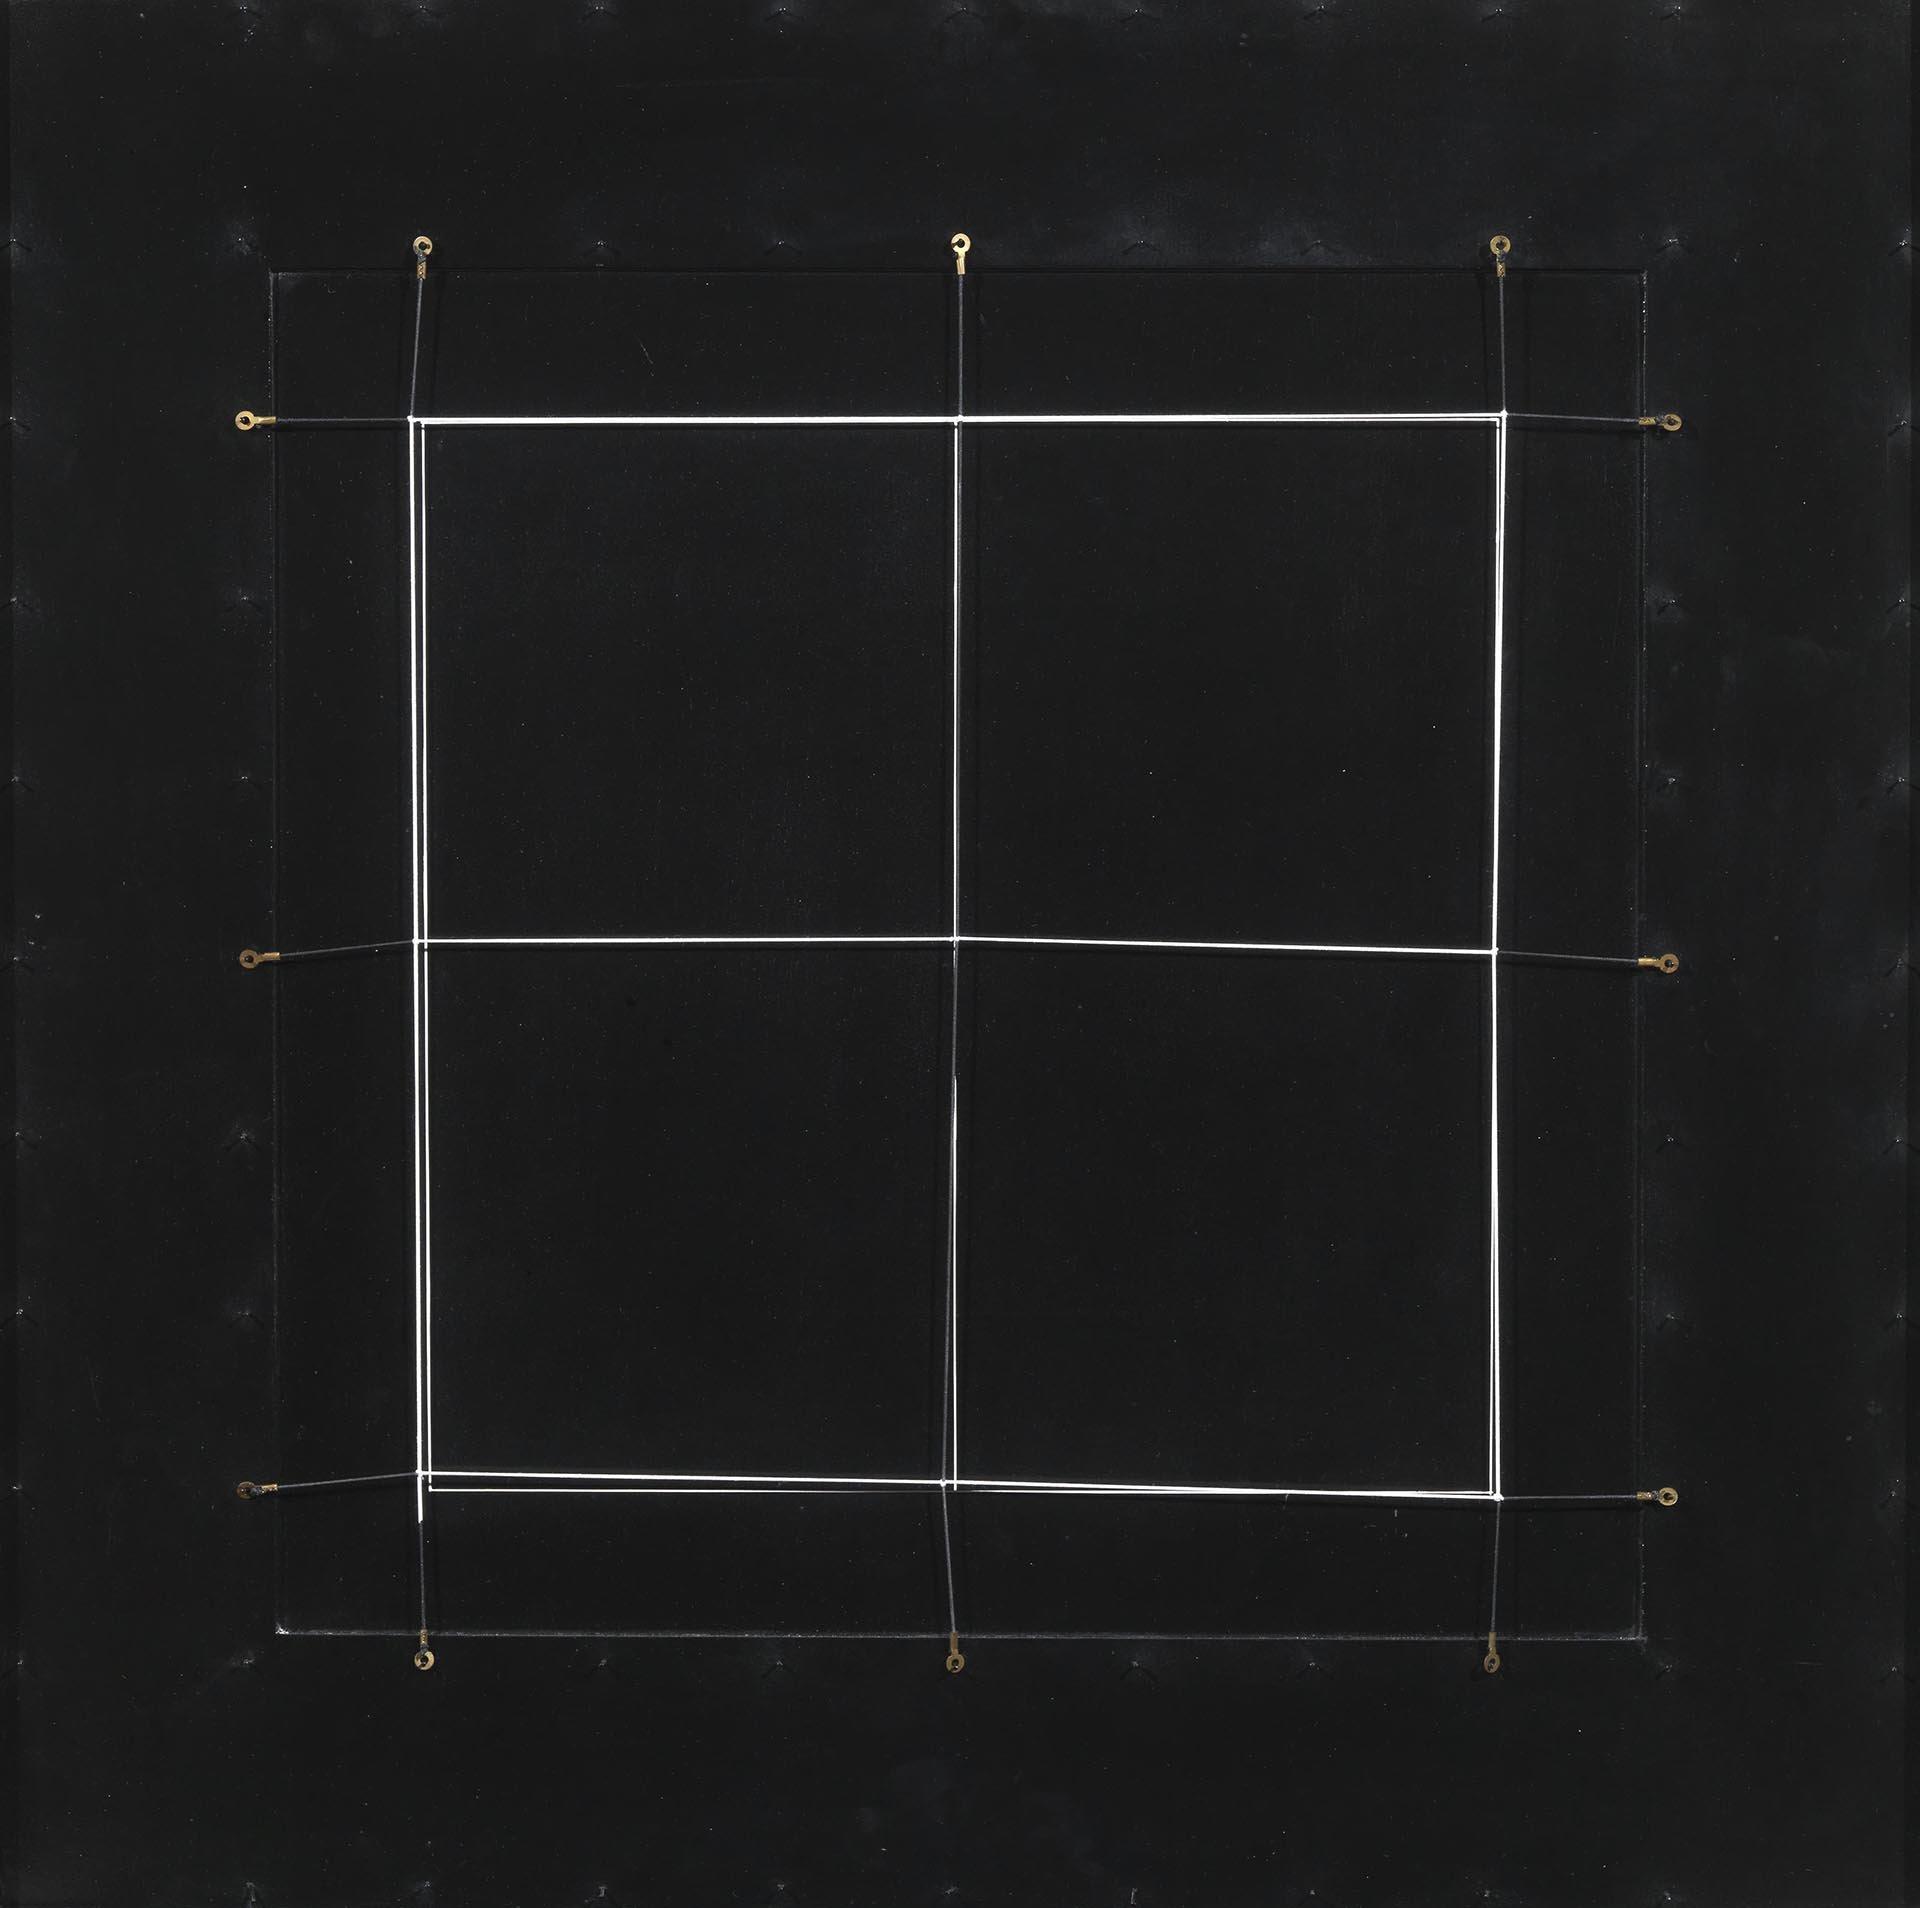 Colombo, Spazio elastico, 1975-76, 72x72 cm